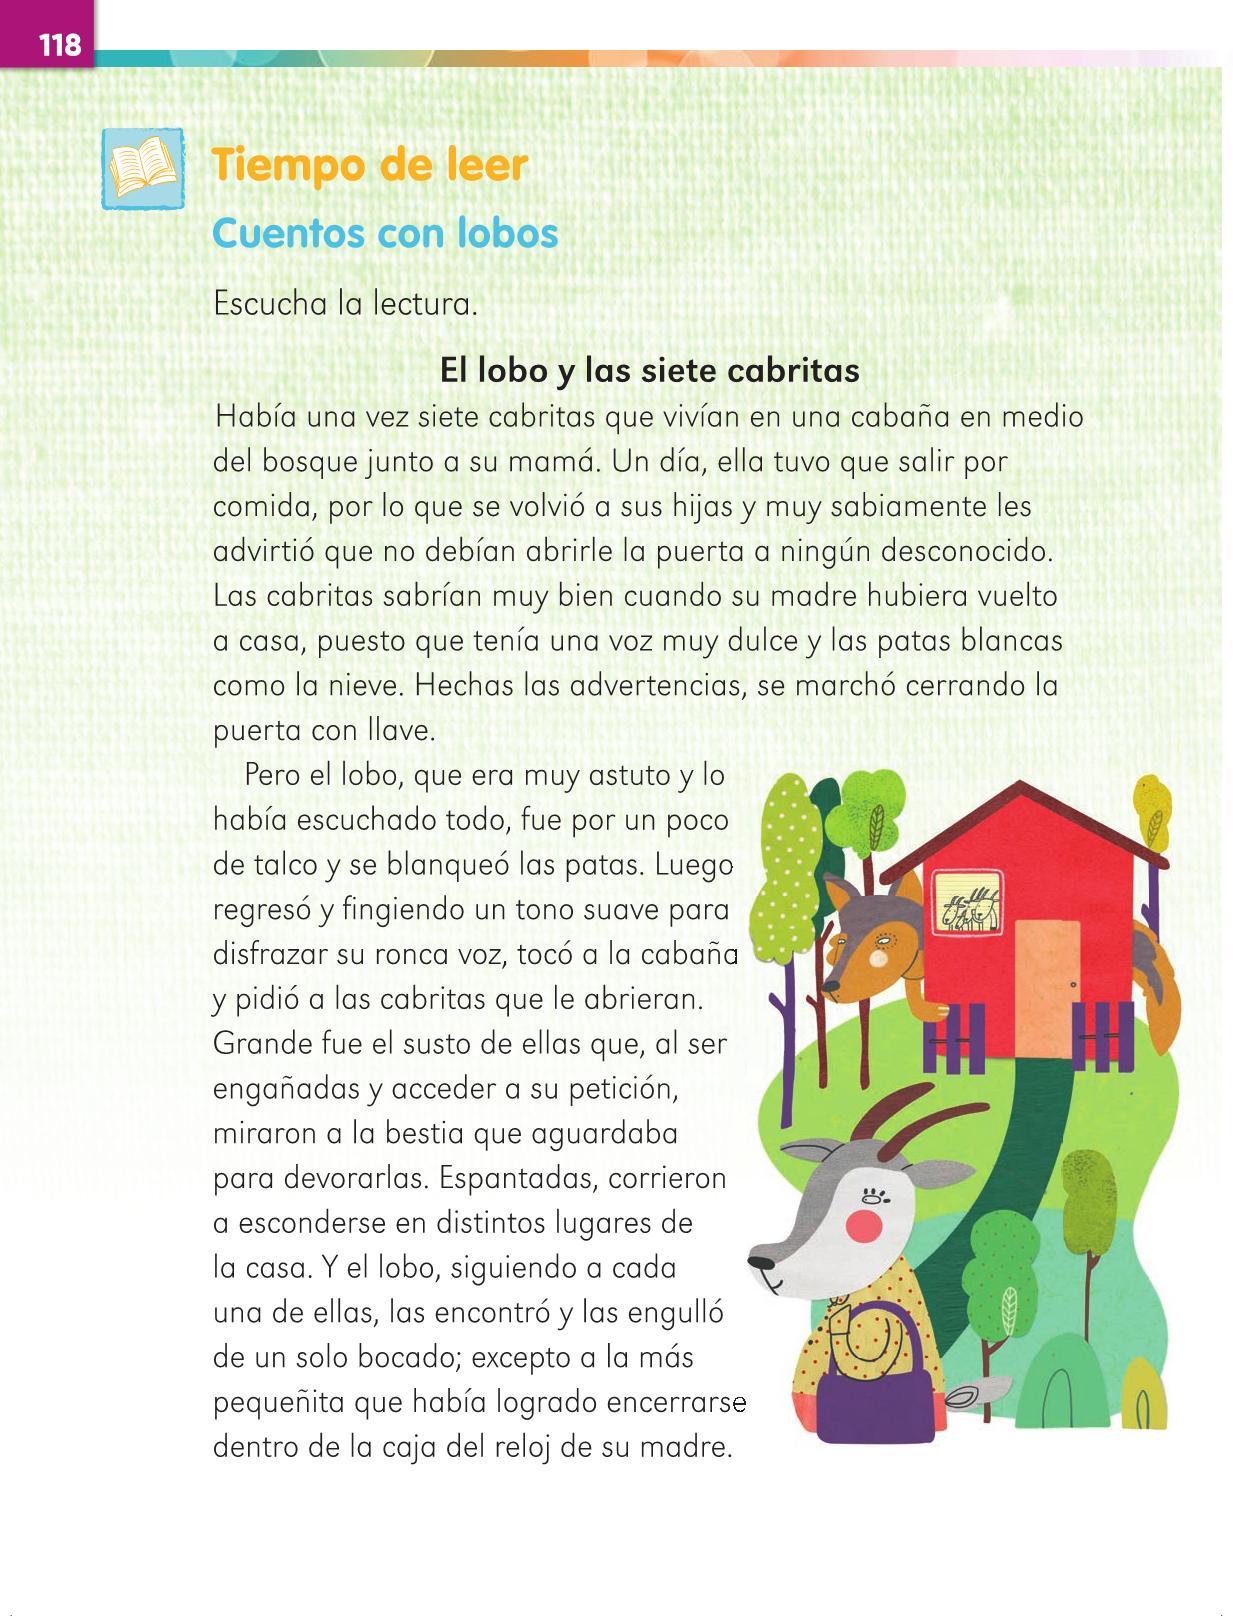 Lengua Materna Español Primer grado página 118